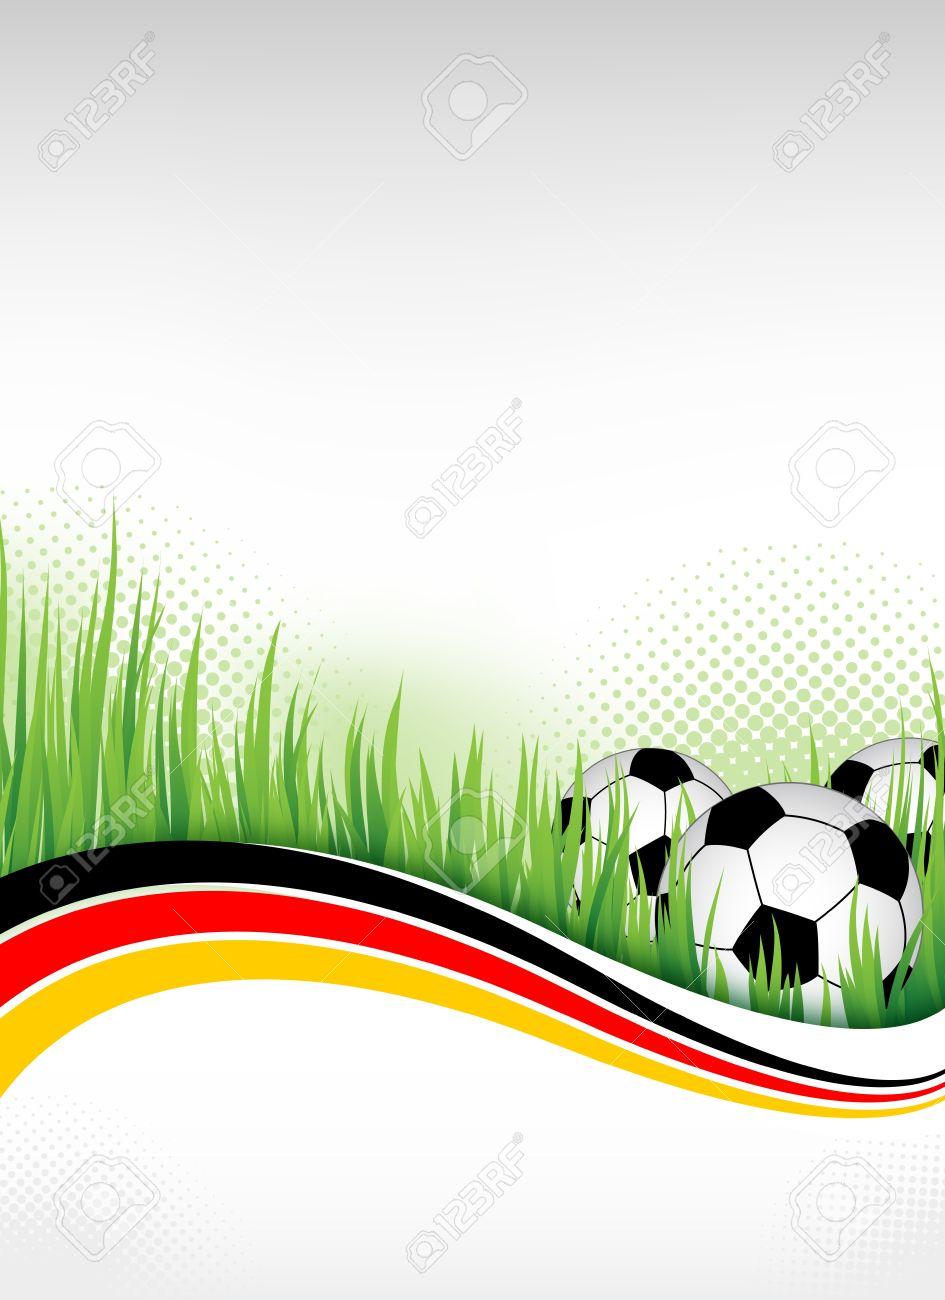 Deutsch Fußball Hintergrund Vorlage Für Design Lizenzfreie Fotos ...